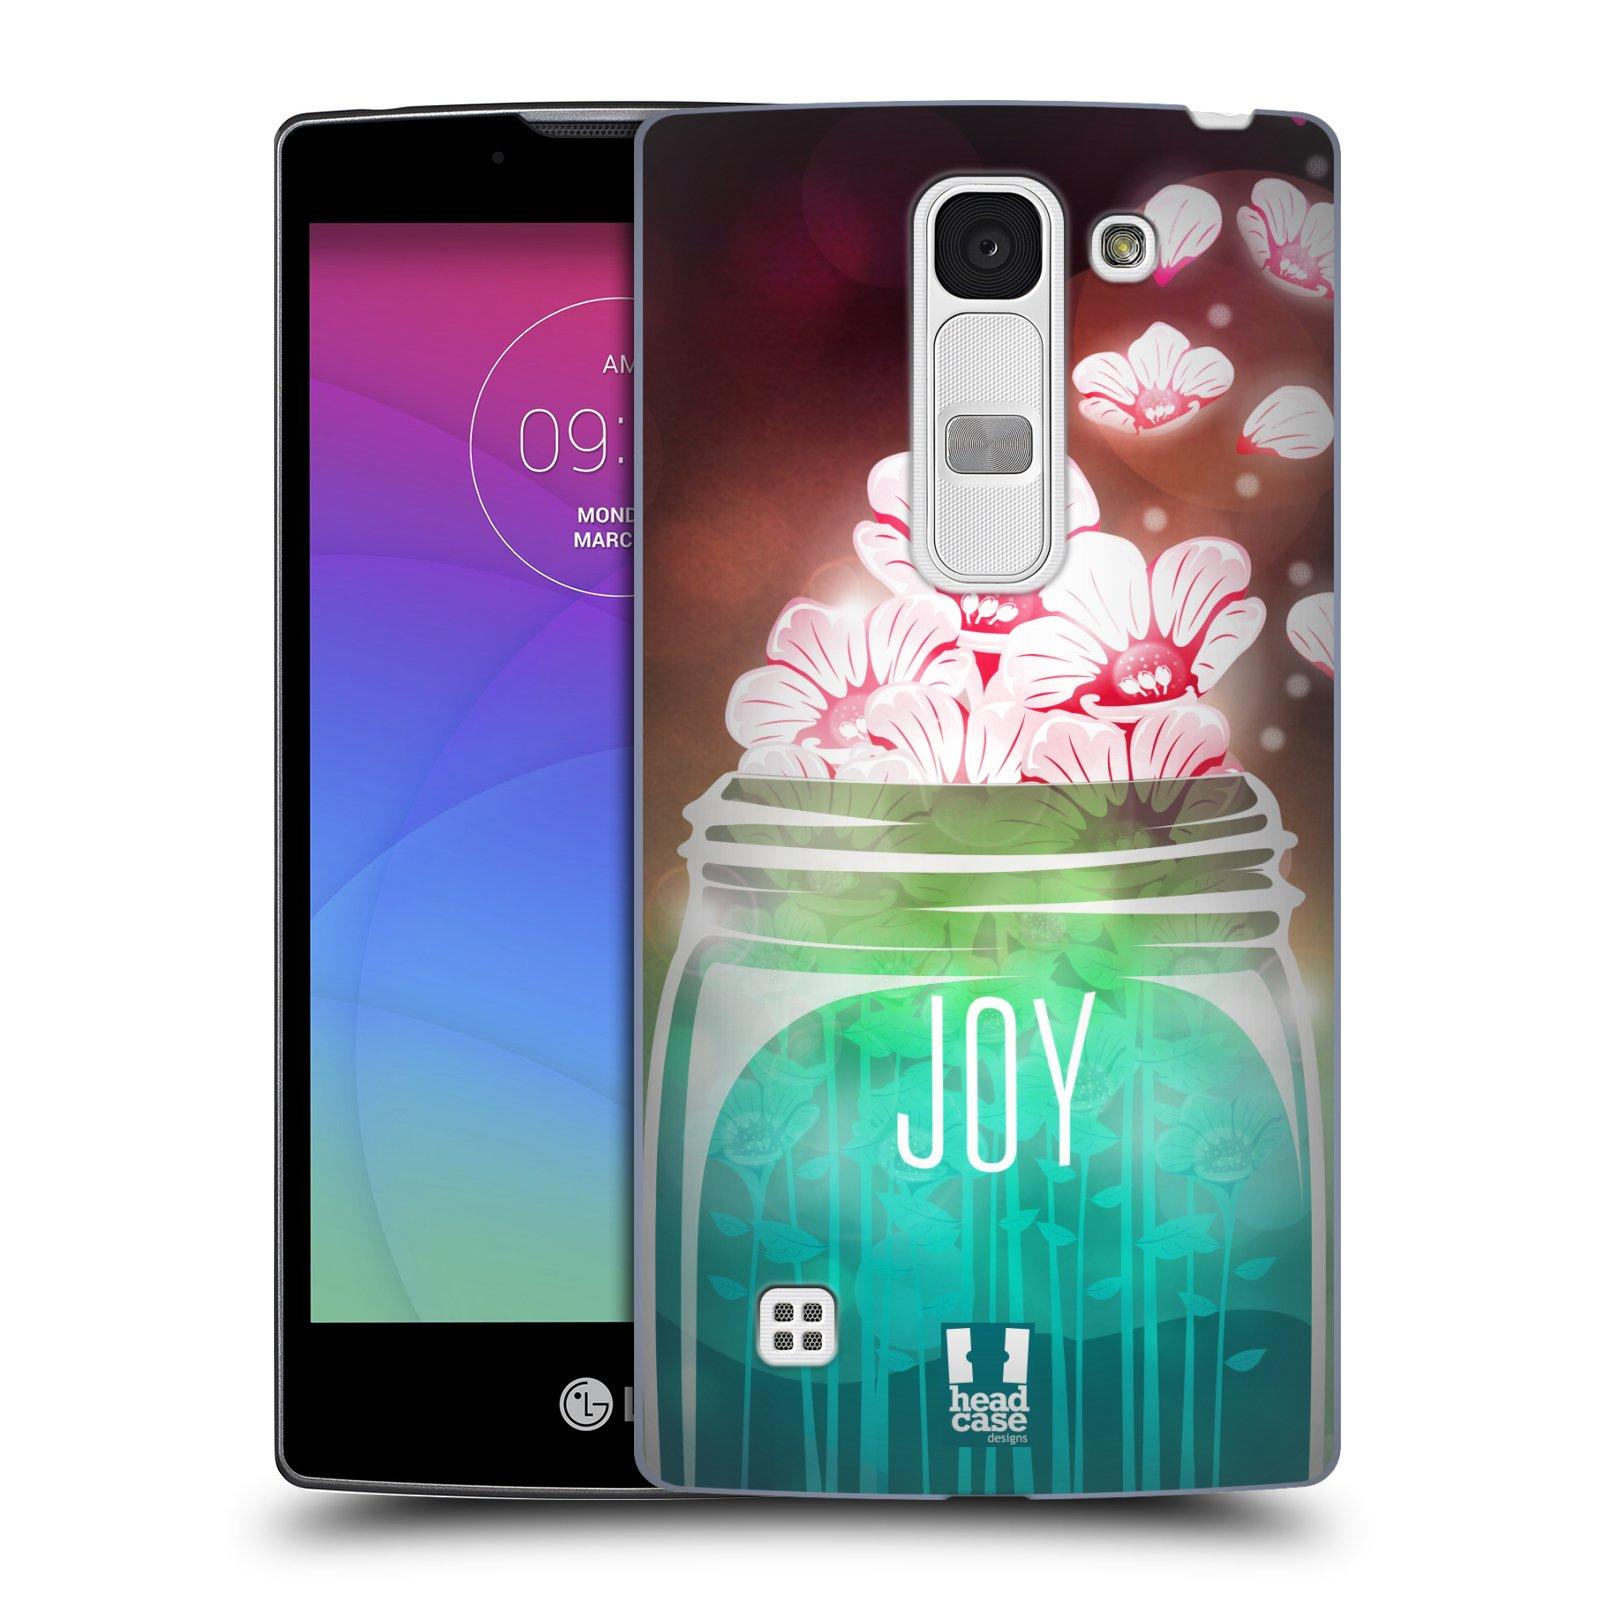 Plastové pouzdro na mobil LG Spirit LTE HEAD CASE SKLENICE JOY (Kryt či obal na mobilní telefon LG Spirit H420 a LG Spirit LTE H440N)